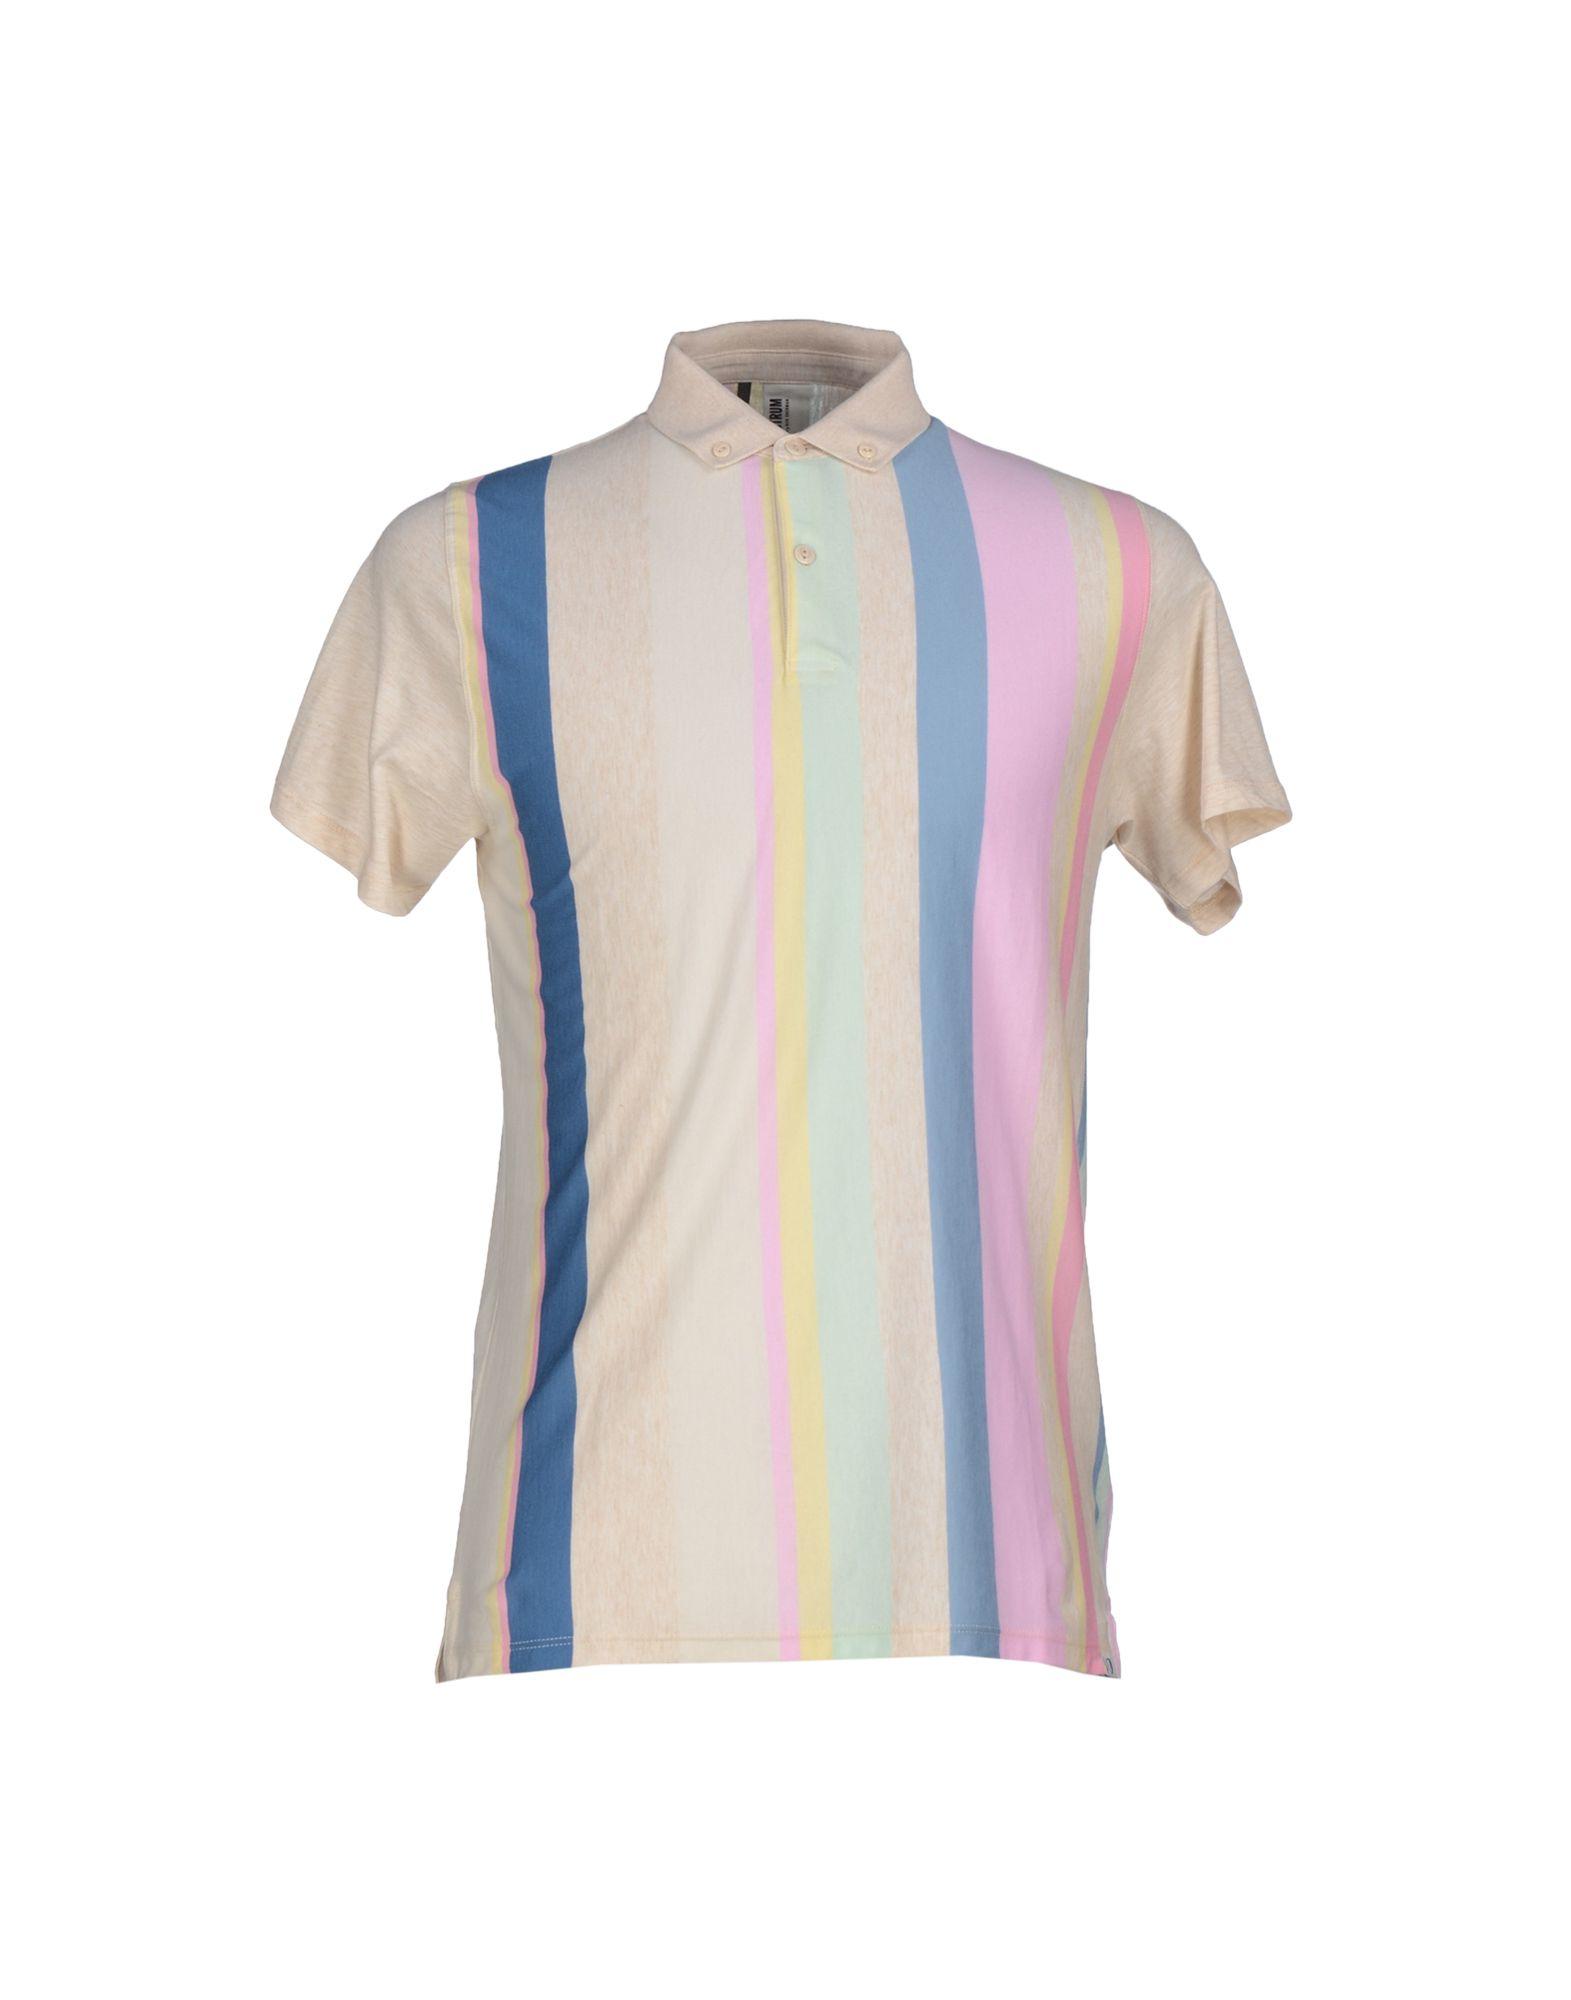 ben sherman polo shirt in natural for men lyst. Black Bedroom Furniture Sets. Home Design Ideas